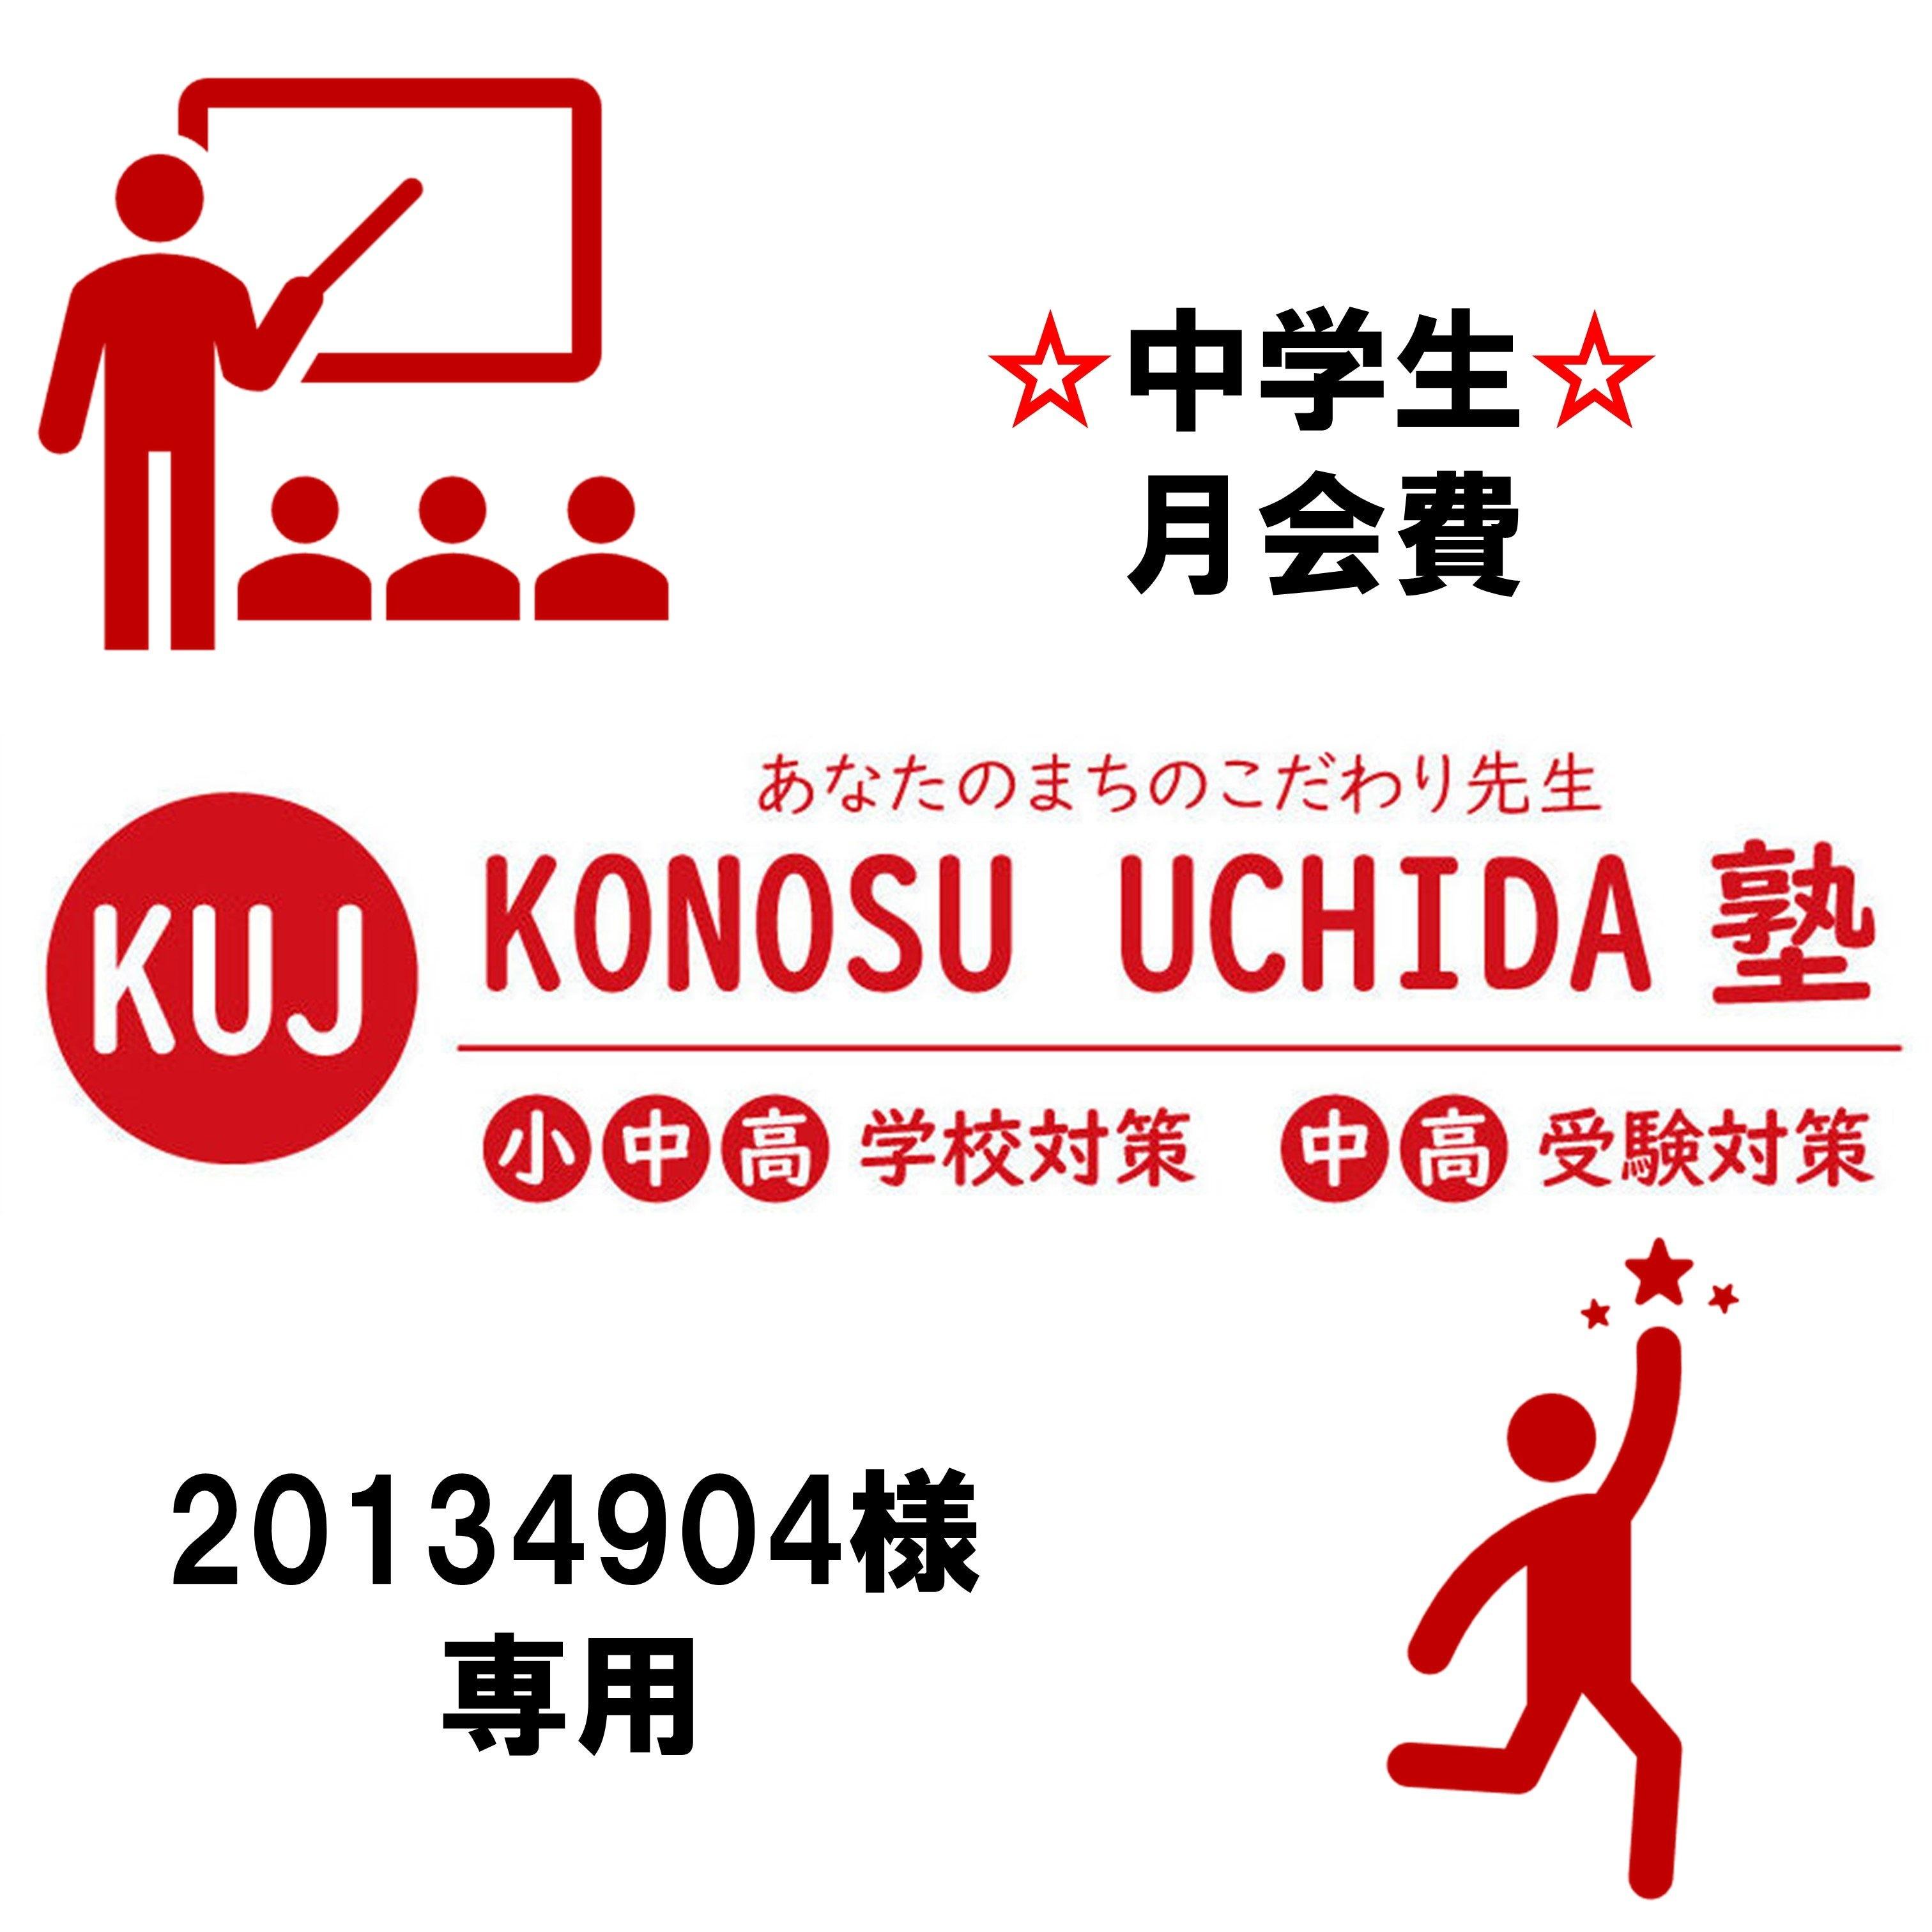 【中学生 正会員20134904様専用】月会費ウェブチケットのイメージその1